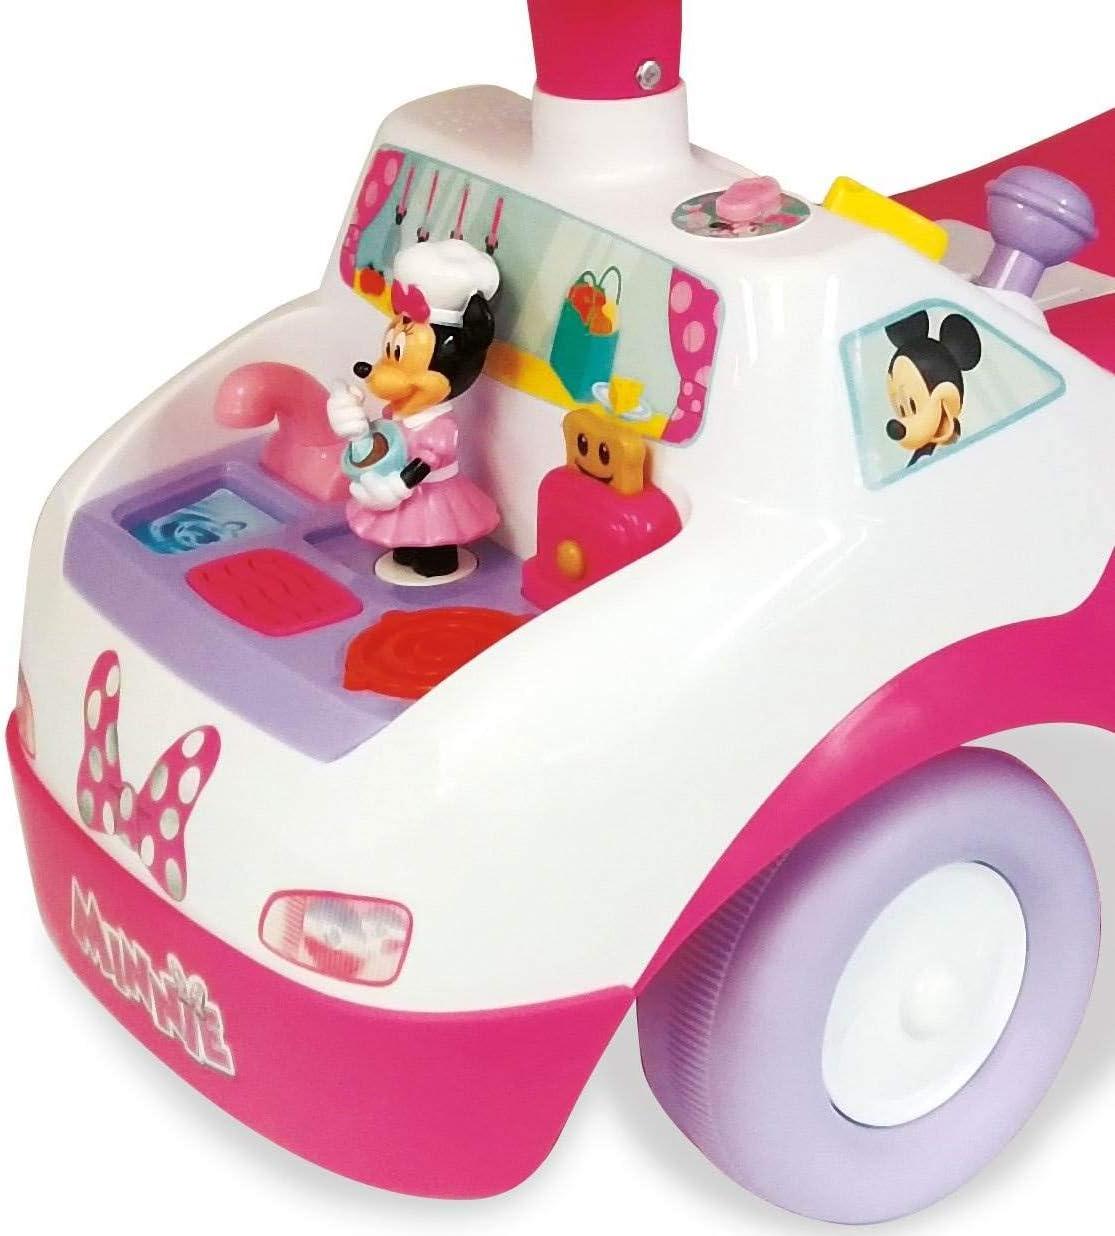 Kiddieland Minnie Mouse Happy Kitchen Ride-On Train